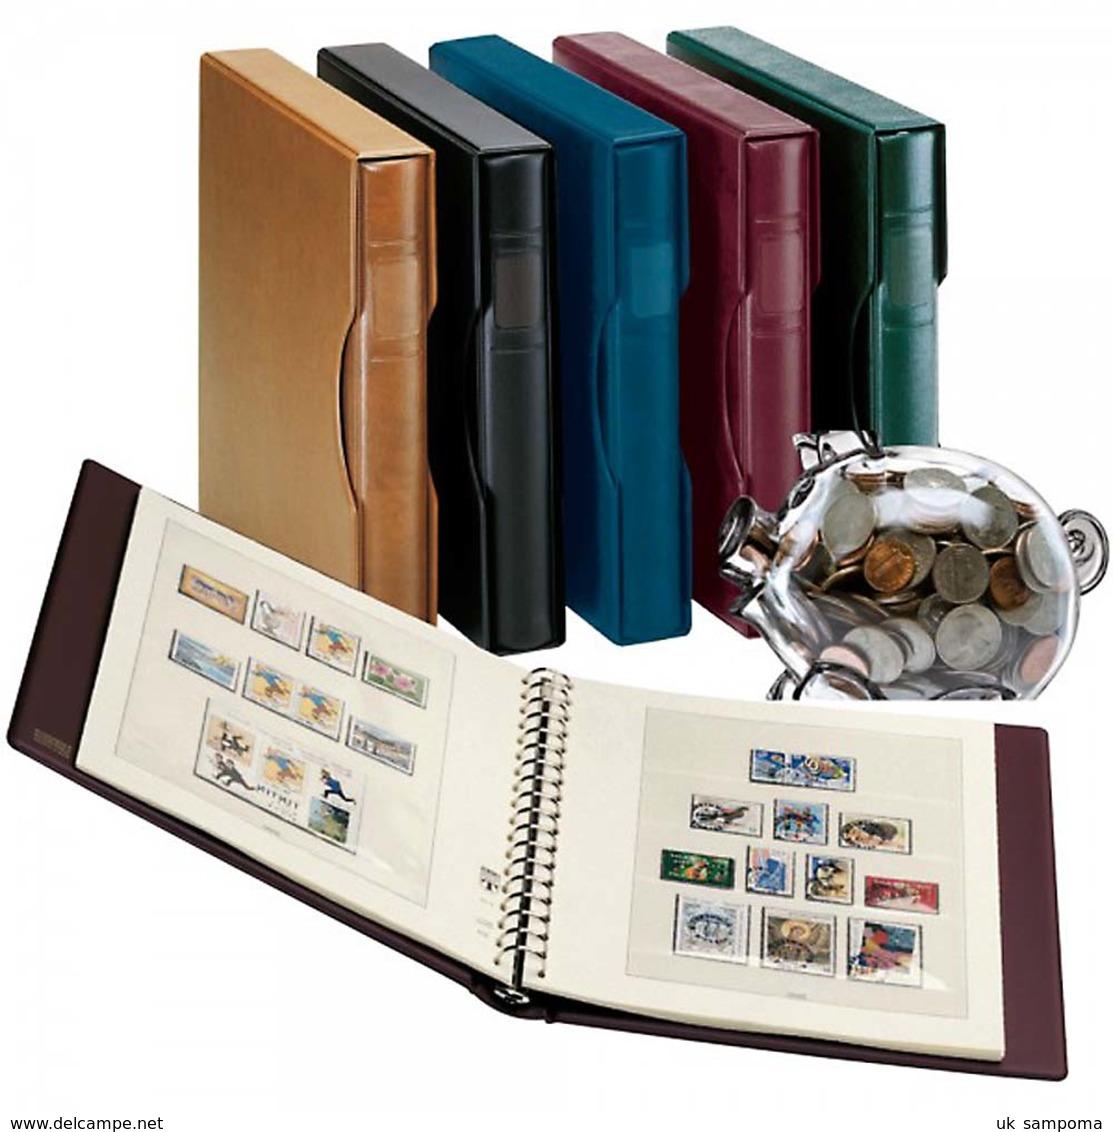 Lindner 209S-1124V Austria Complete Offer Austria - Illustrated Album Pages Year 1945-2014, Incl. Ring Binder Set (Order - Albums & Binders